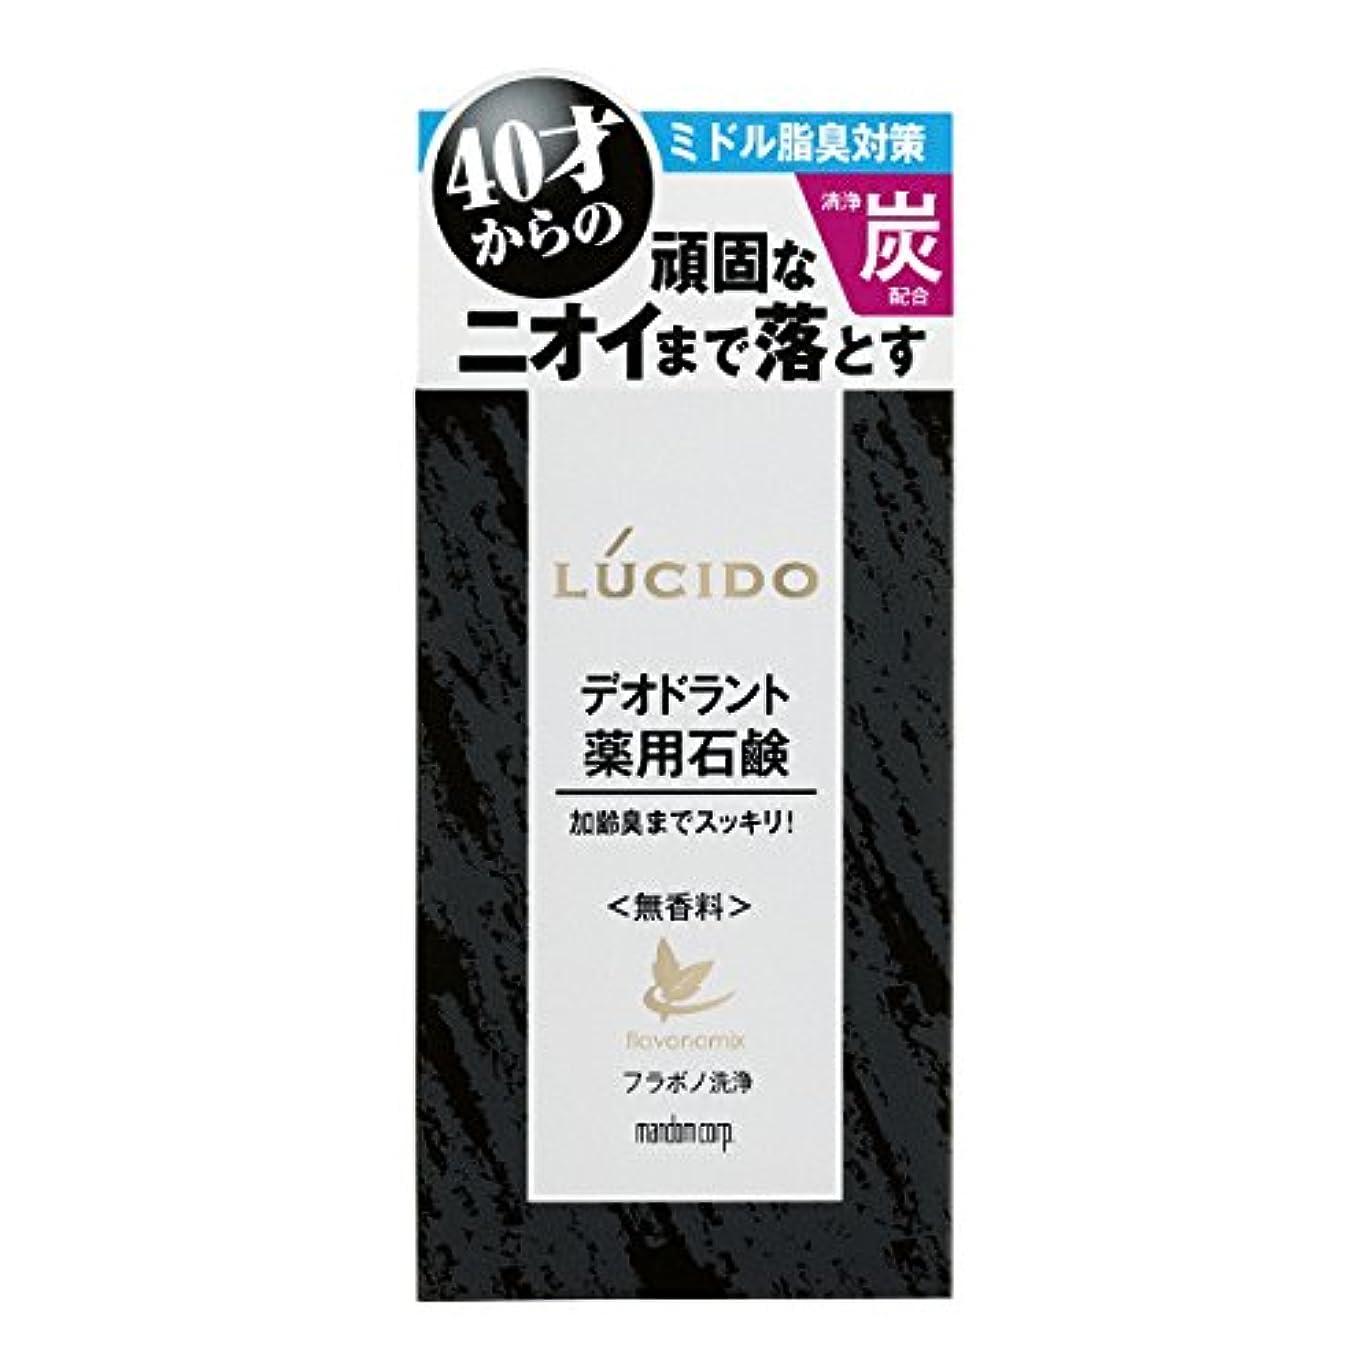 作り上げる症状トラフルシード 薬用デオドラント石鹸 100g(医薬部外品)